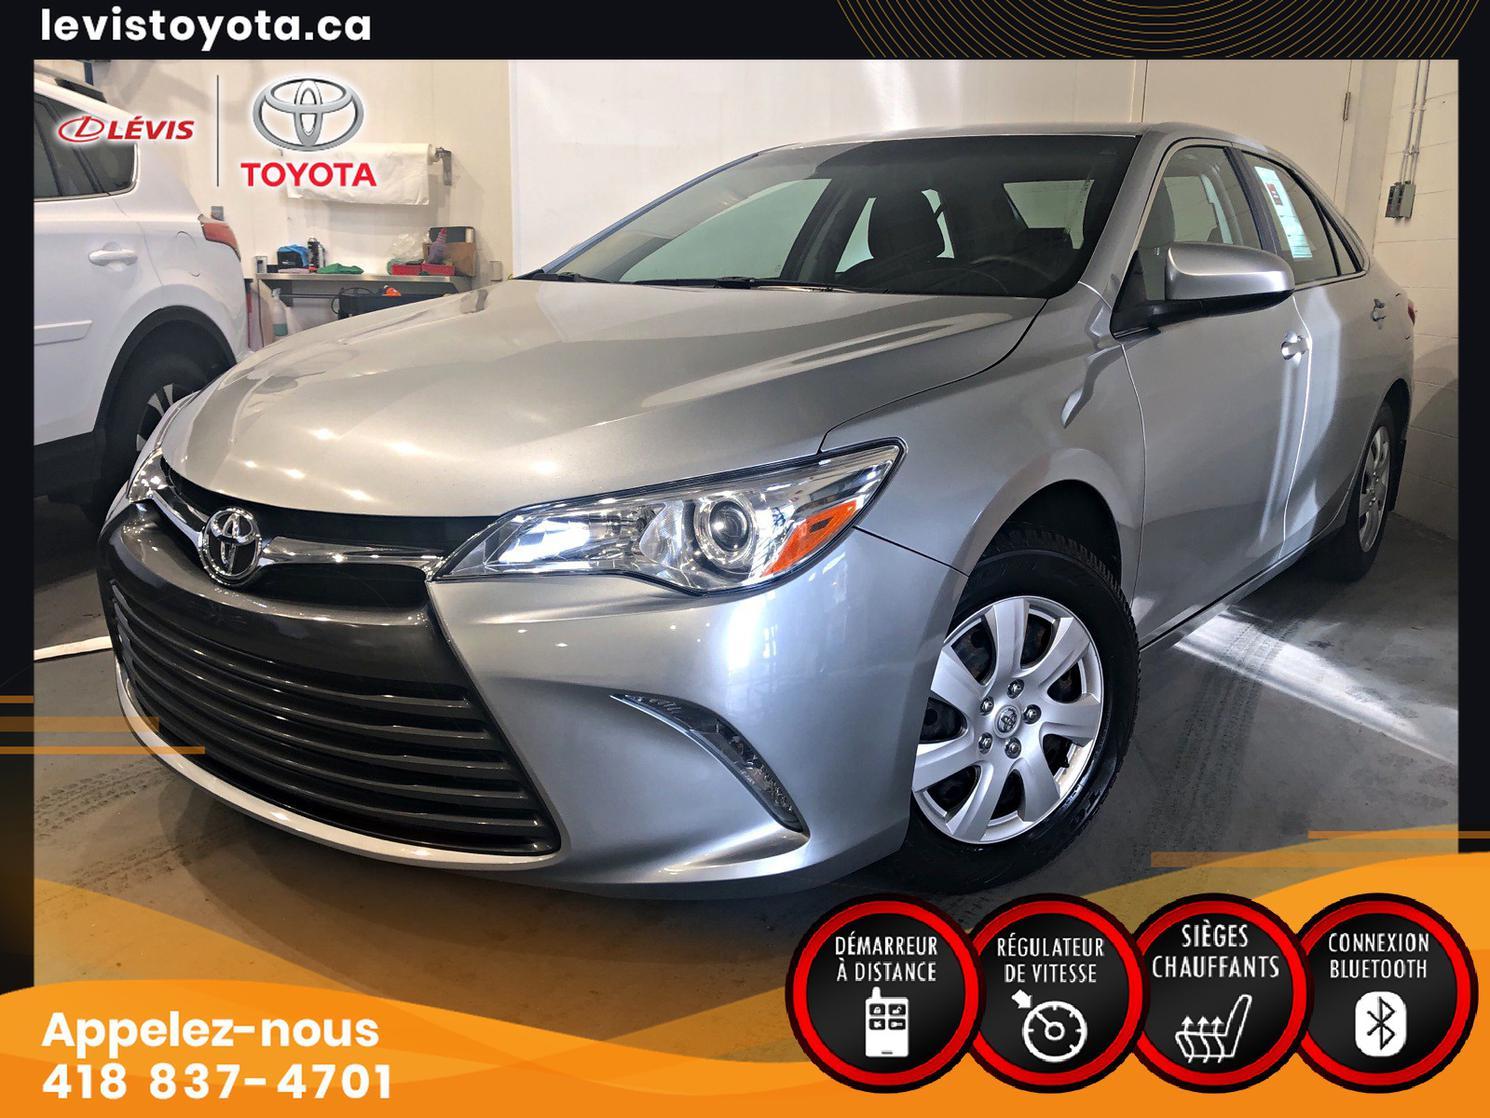 Toyota Camry LE GR AMÉLIORÉ 2017